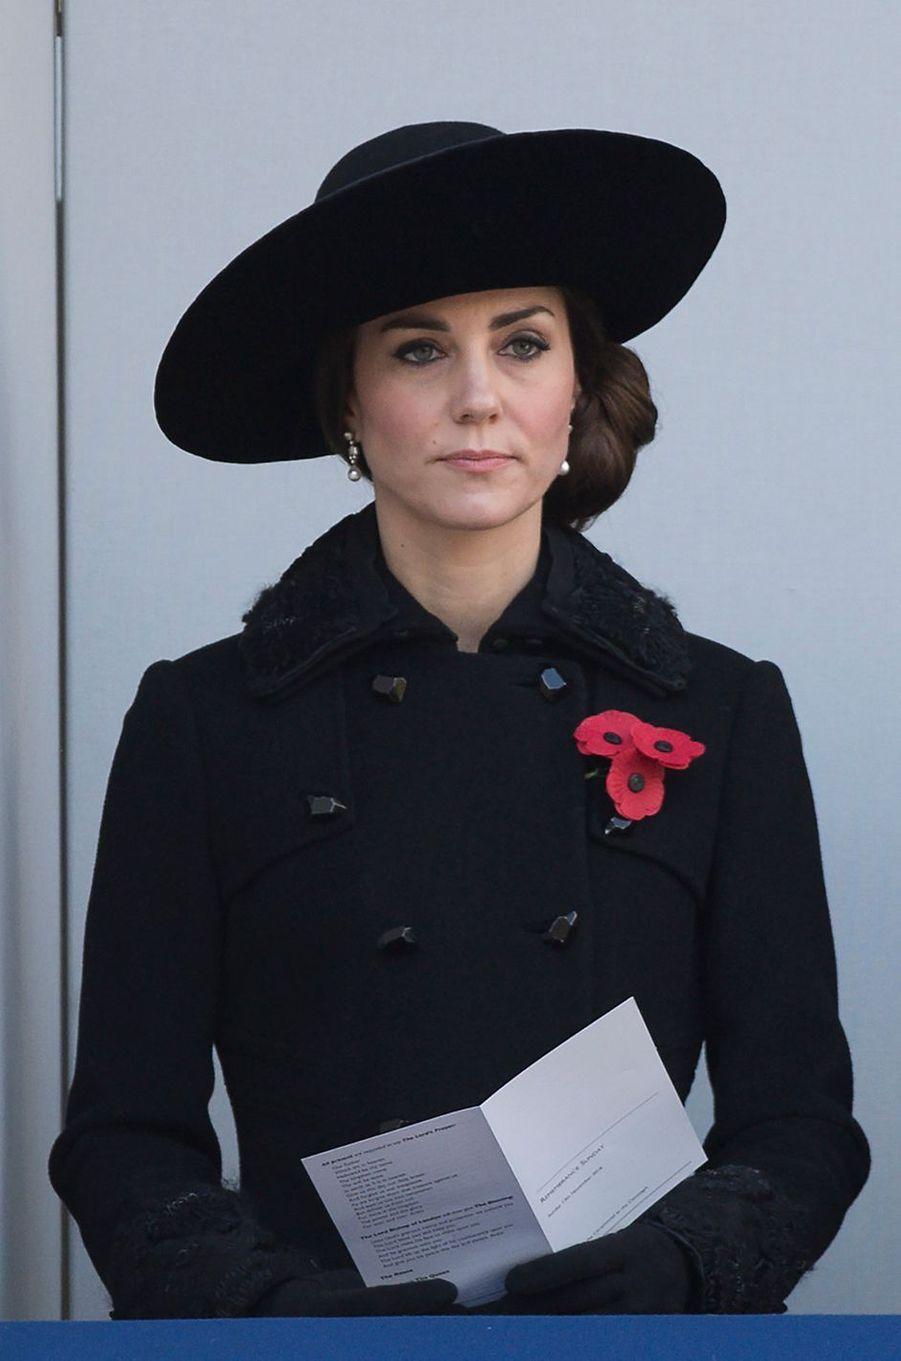 La duchesse de Cambridge, née Kate Middleton, a assisté ce dimanche à Londres, avec la reine Elizabeth II et la famille royale britannique, à la cérémonie du souvenir du 13 novembre en hommage aux soldats morts à la guerre.